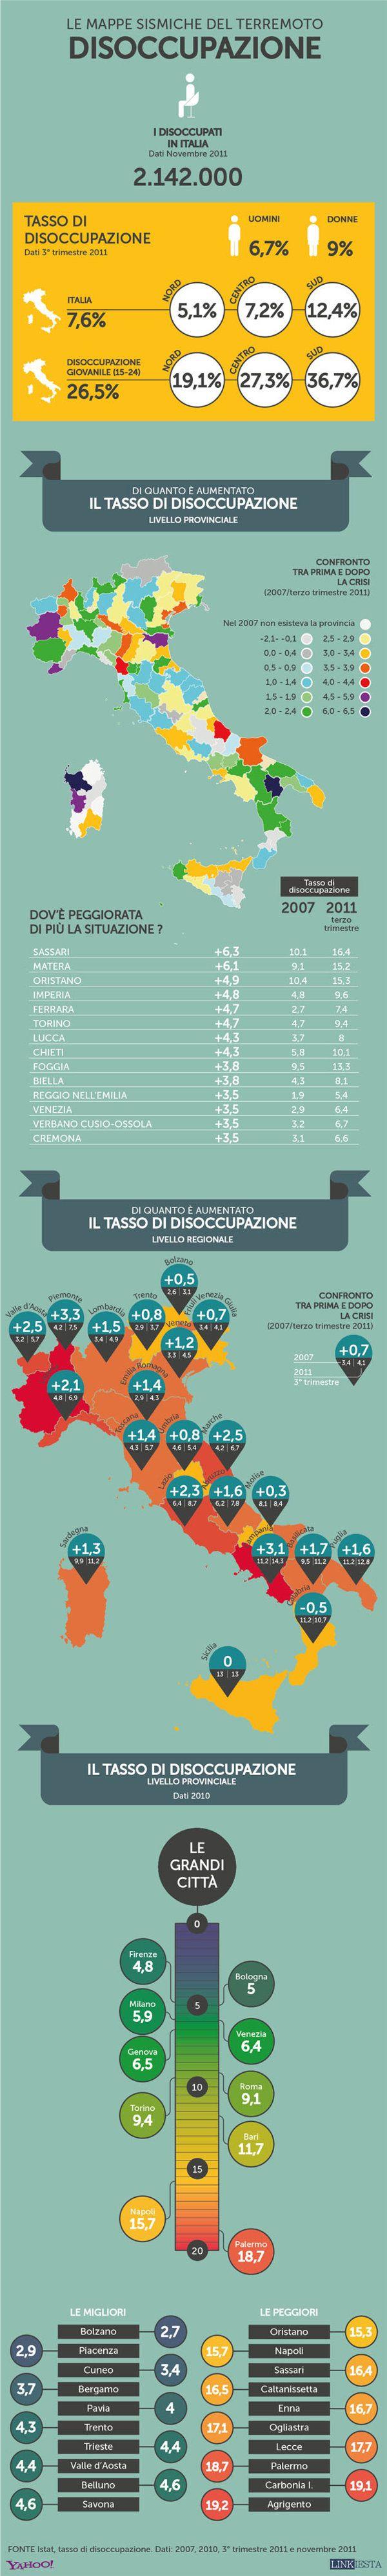 #Disoccupazione in Italia, la mappa | Linkiesta - Yahoo Finanza Italia